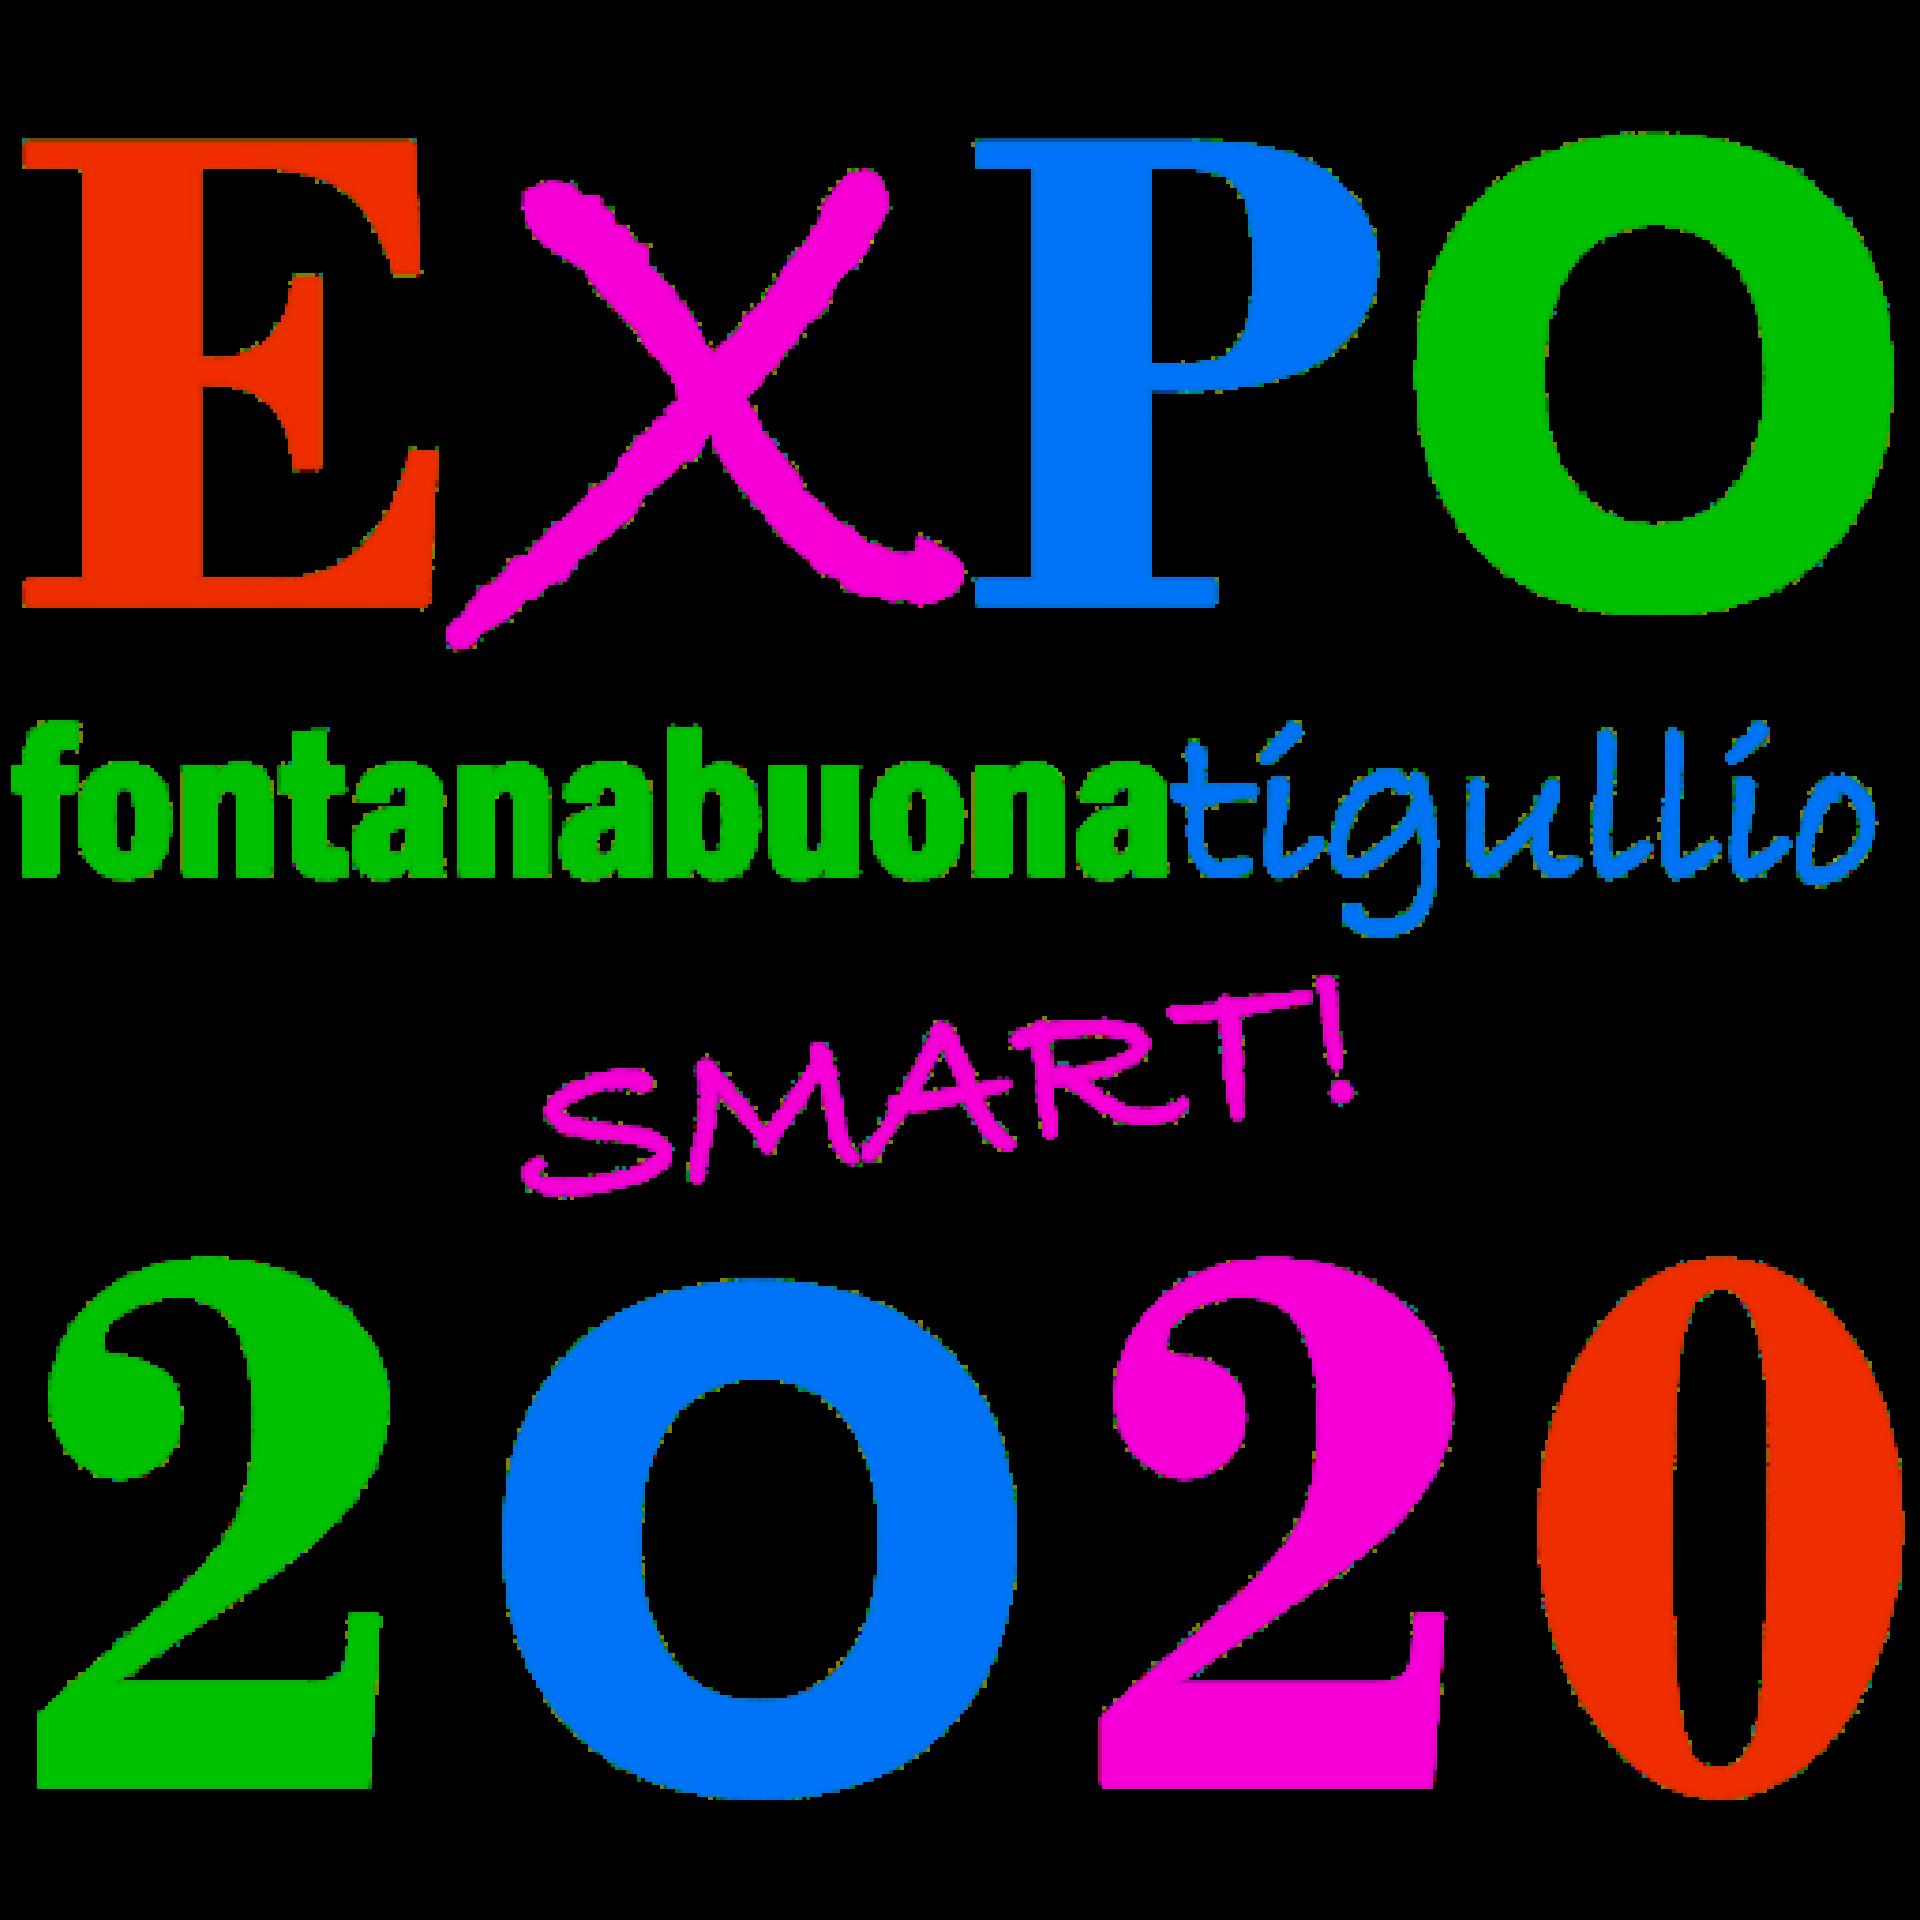 Expo Fontanabuona Tigullio Smart!